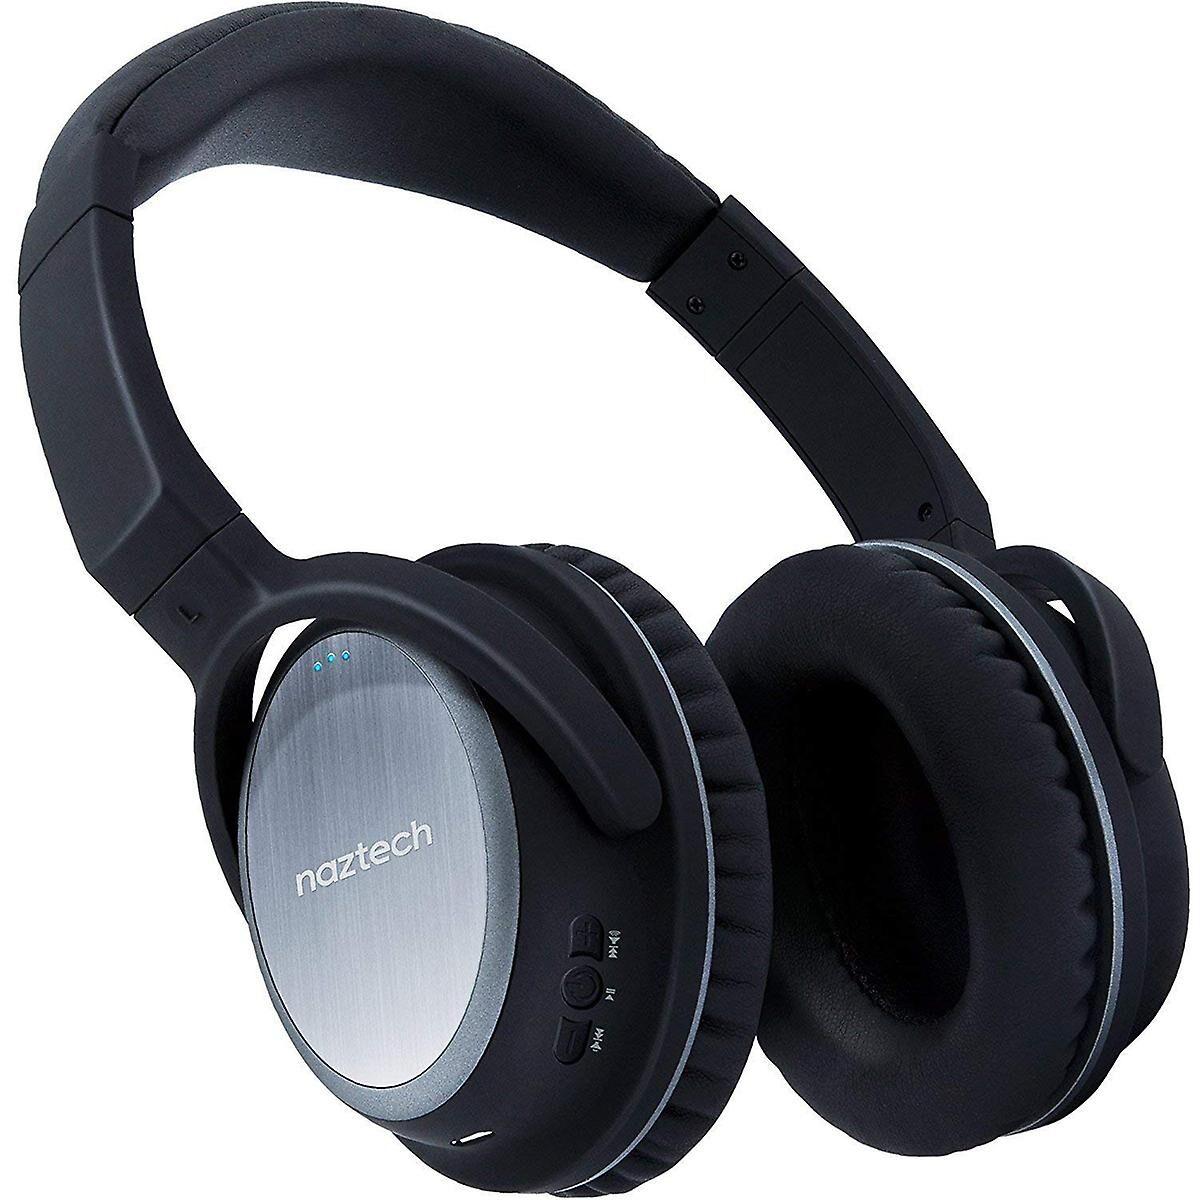 Naztech Casque Bluetooth sans fil Naztech XJ-500 - noir